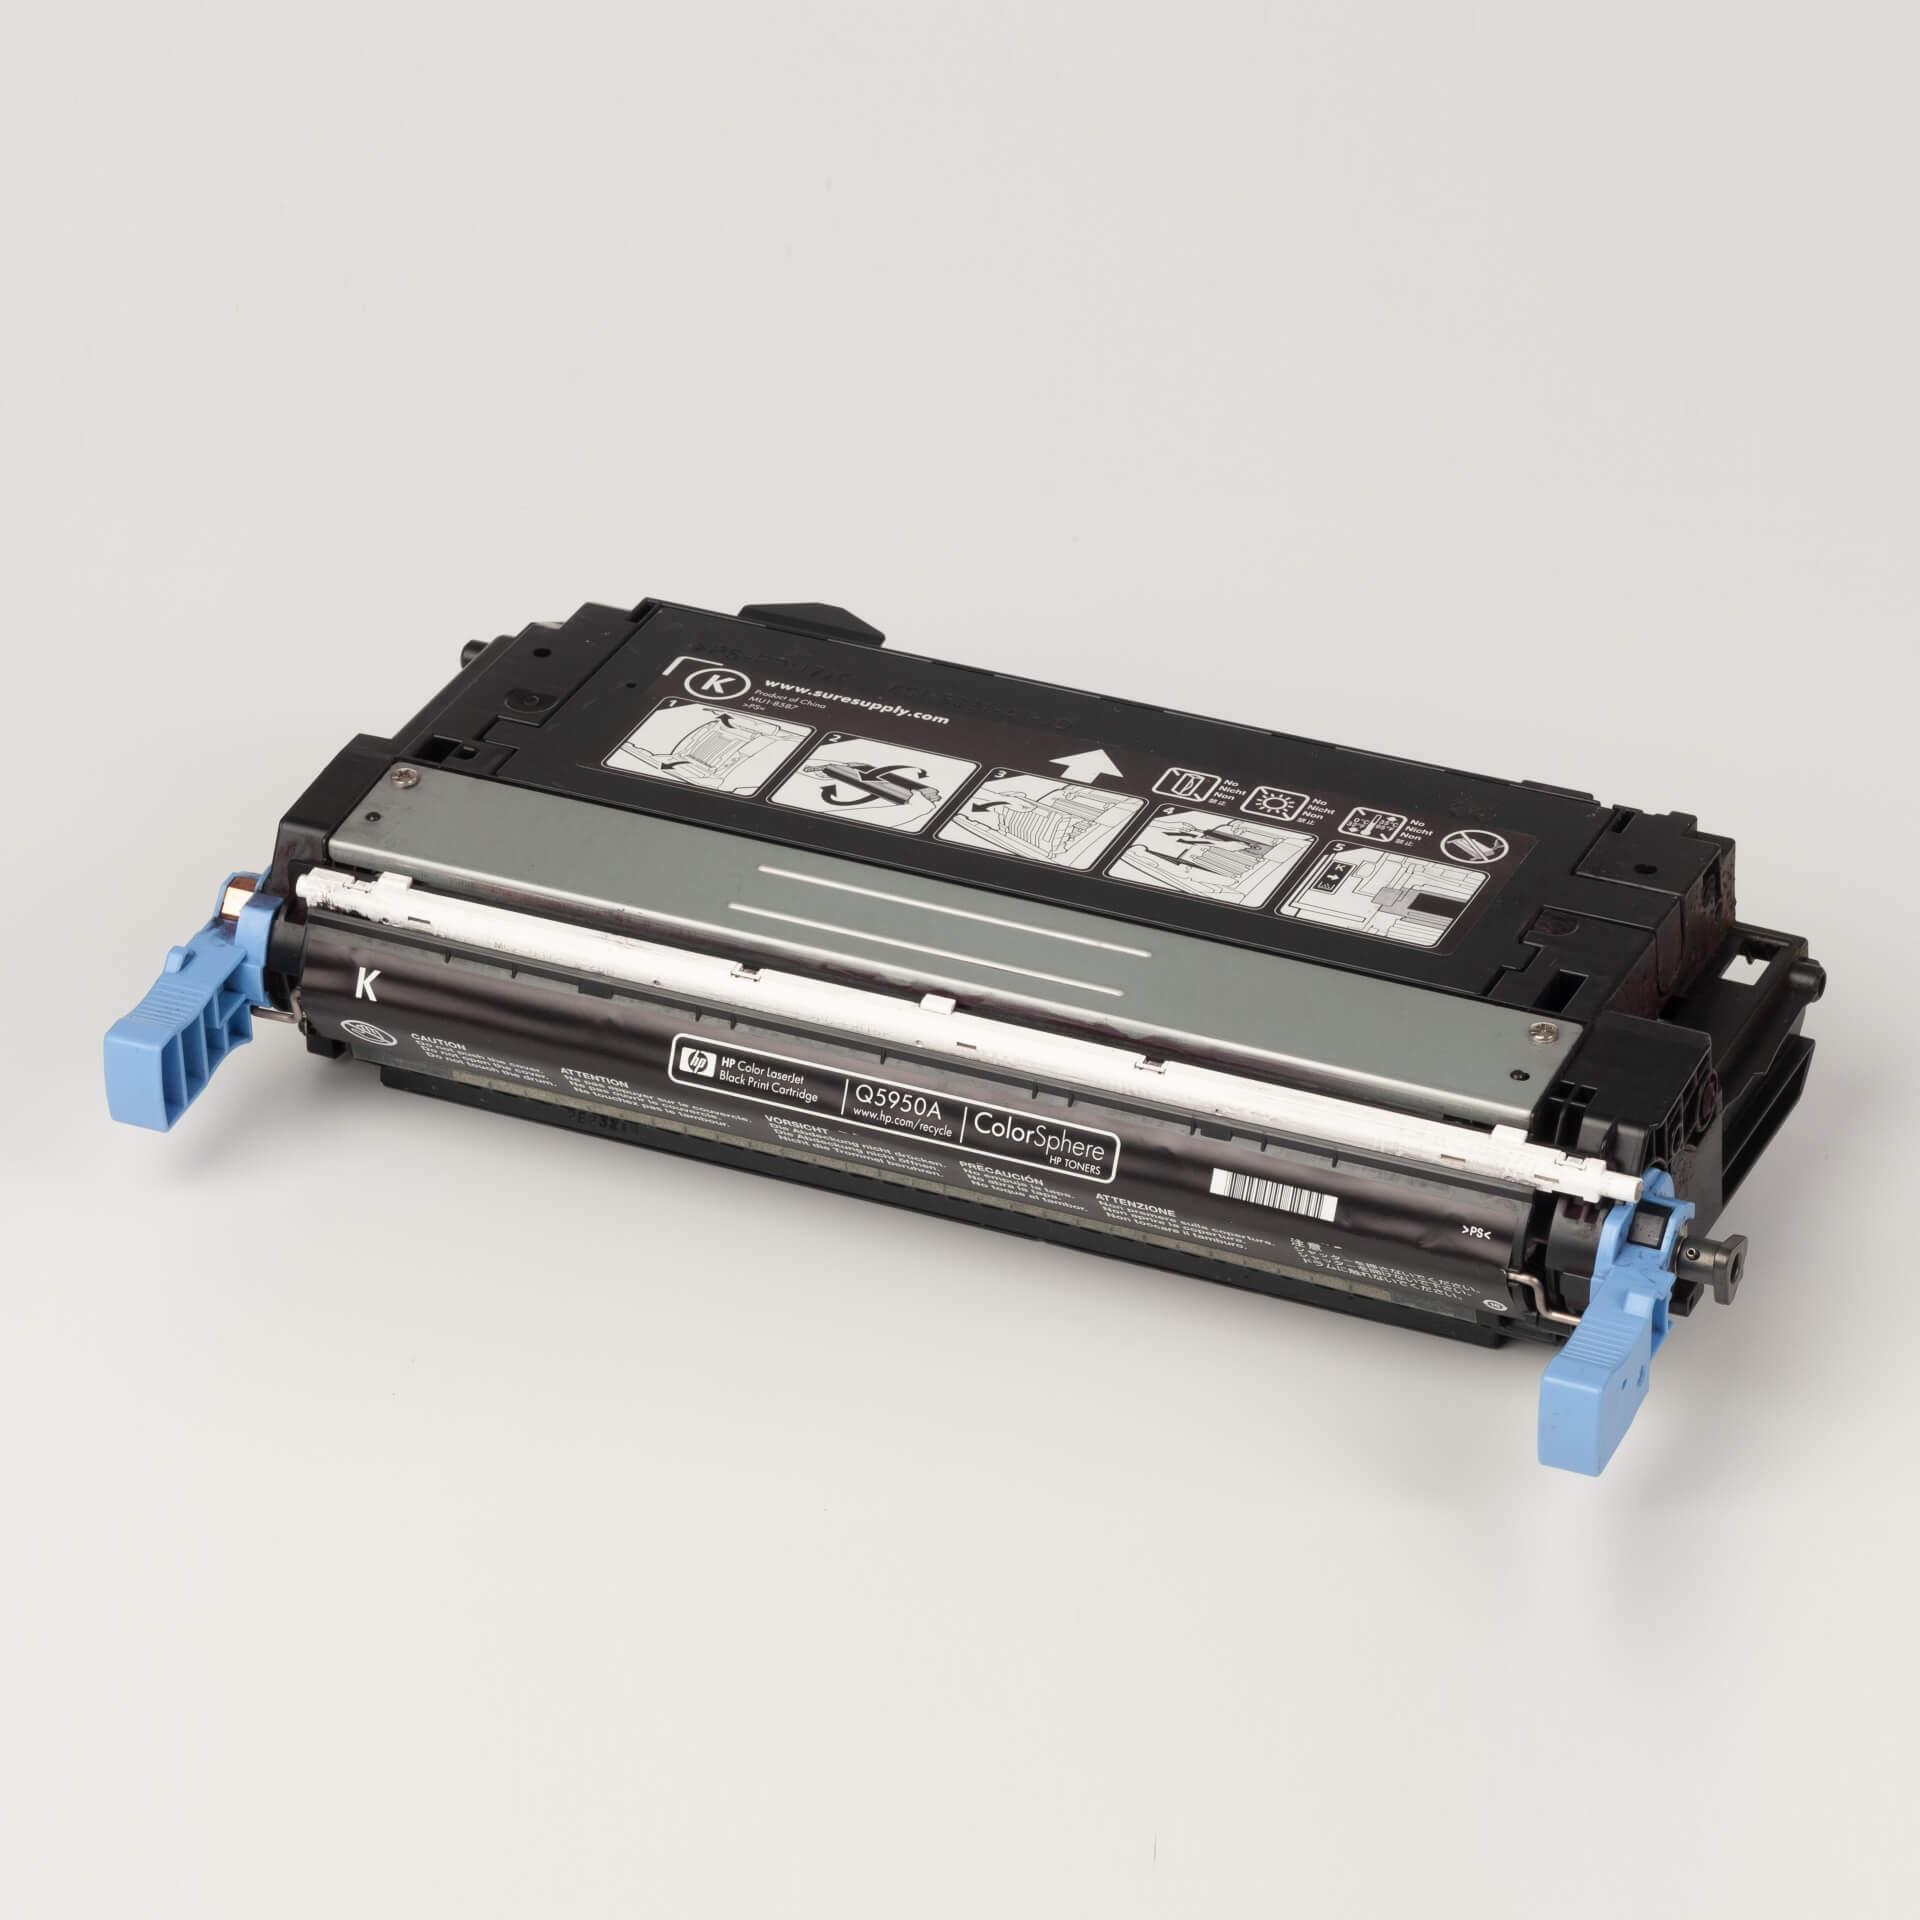 Auf dem Bild sehen Sie eine HP 643A (Q5950A) Schwarz Original Tonerkartusche